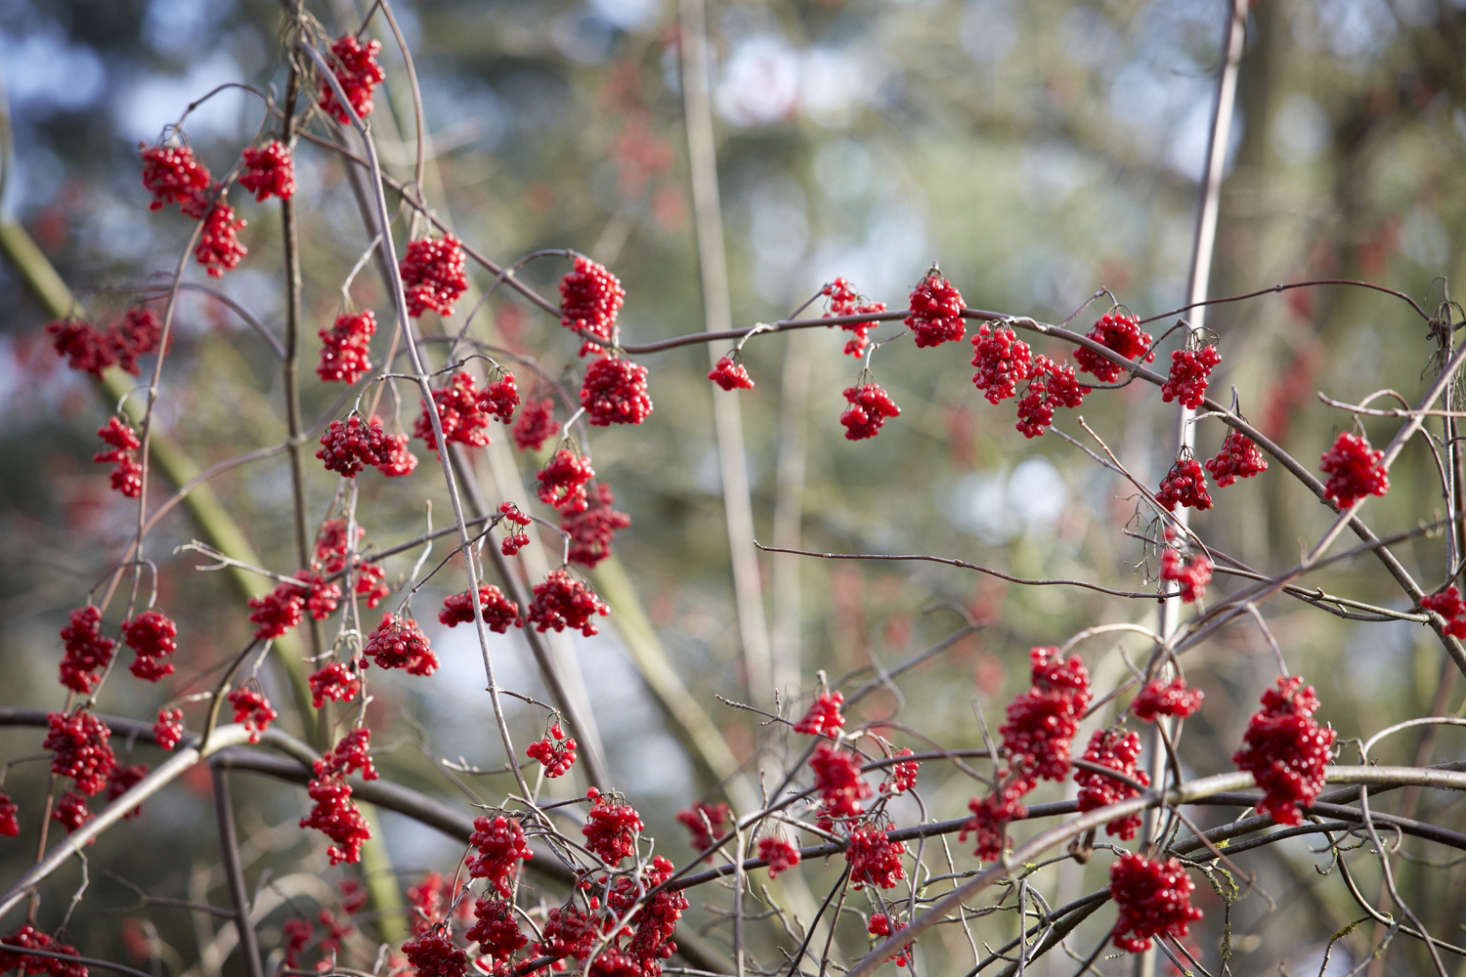 紫檀素,叶叶是红叶。